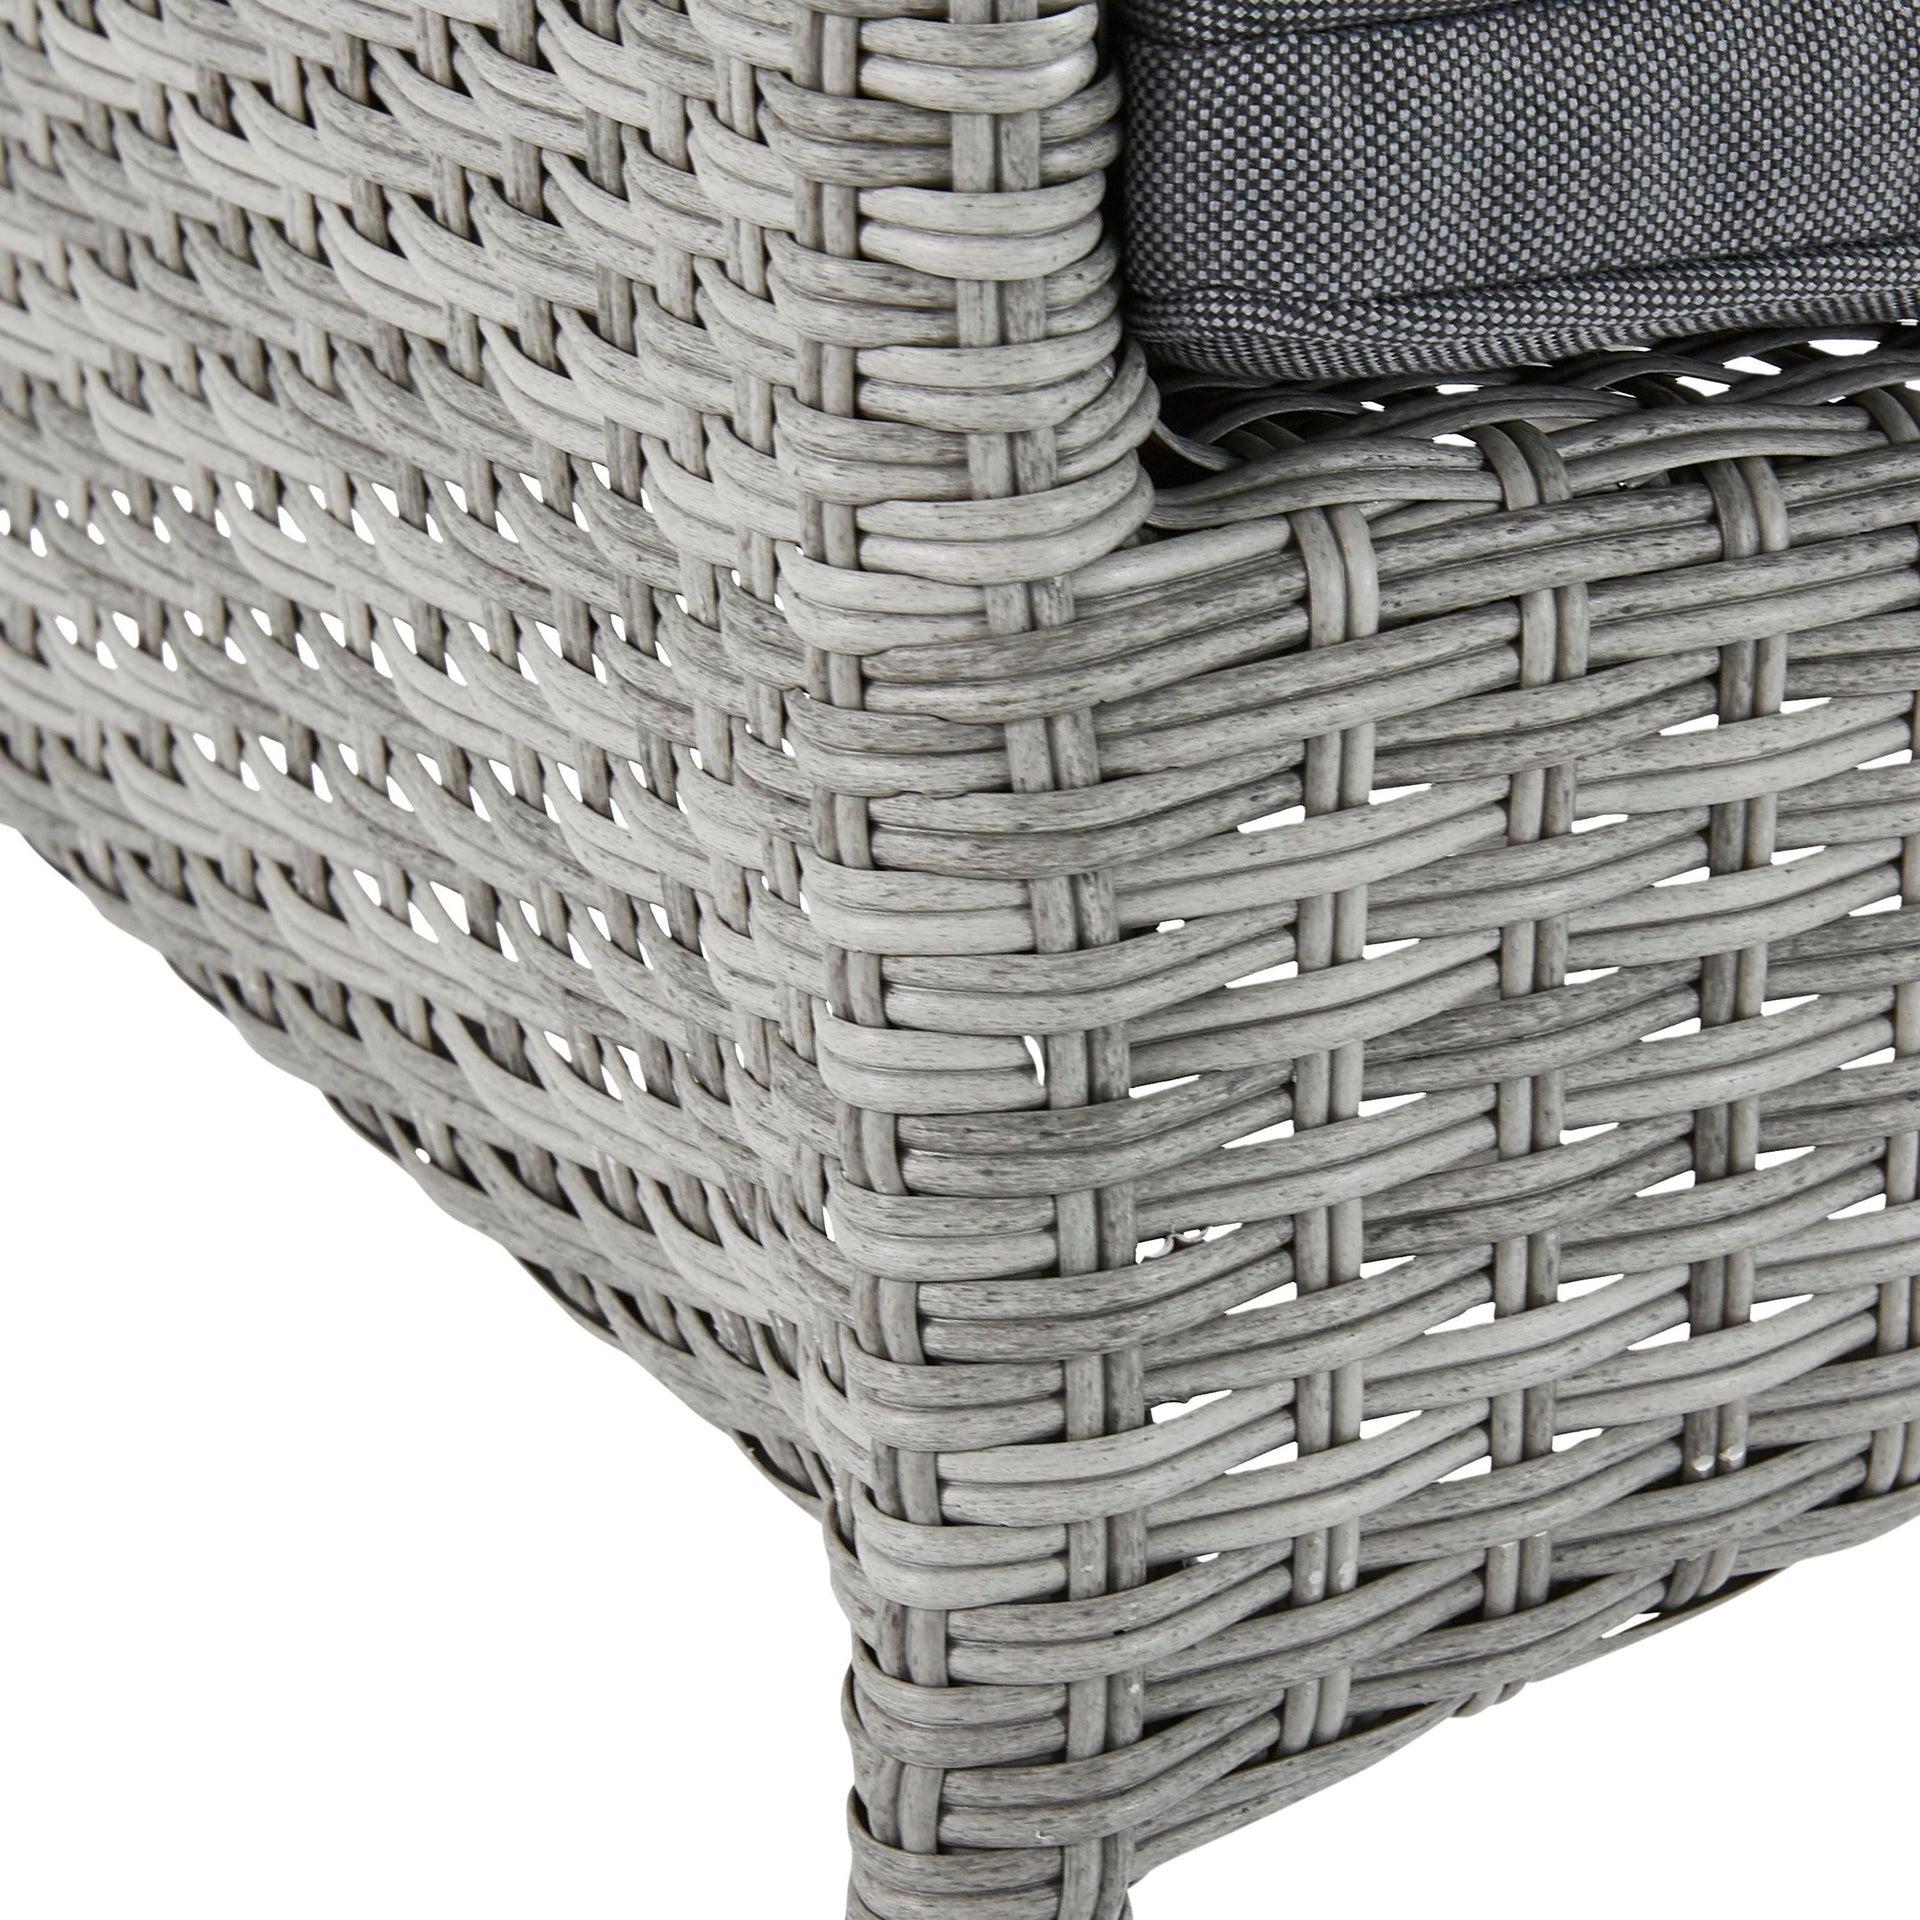 Poltrona da giardino con cuscino in alluminio Davos NATERIAL colore antracite - 3